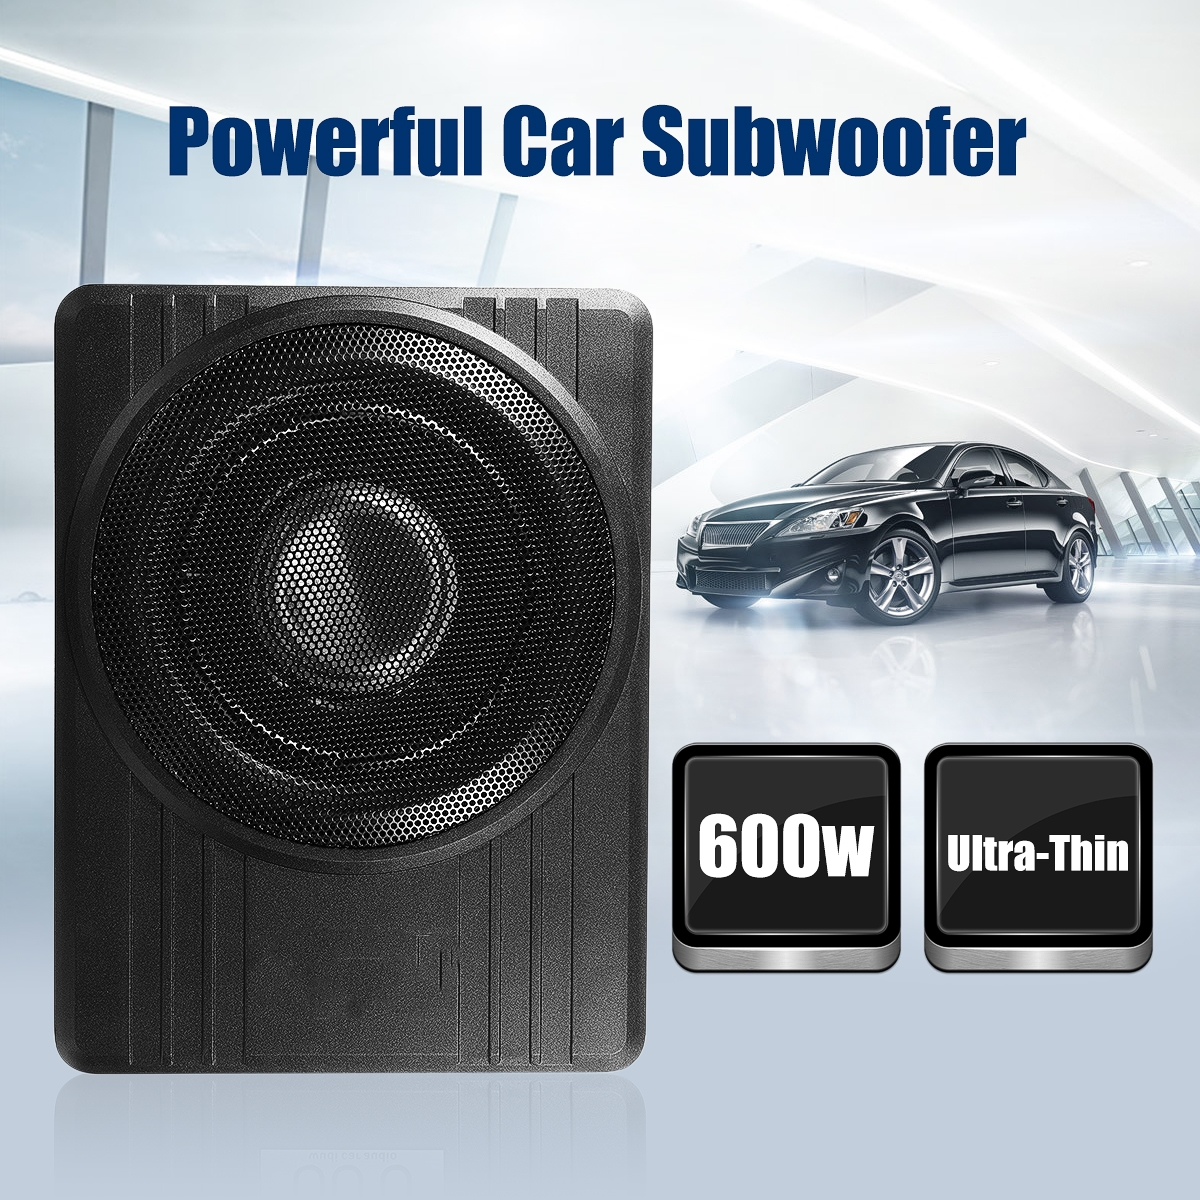 10 600 Вт под сиденьем автомобильный сабвуфер усилитель ультра-тонкий автомобиль активный сабвуфер бас-усилитель динамик корпус автомобиля ...